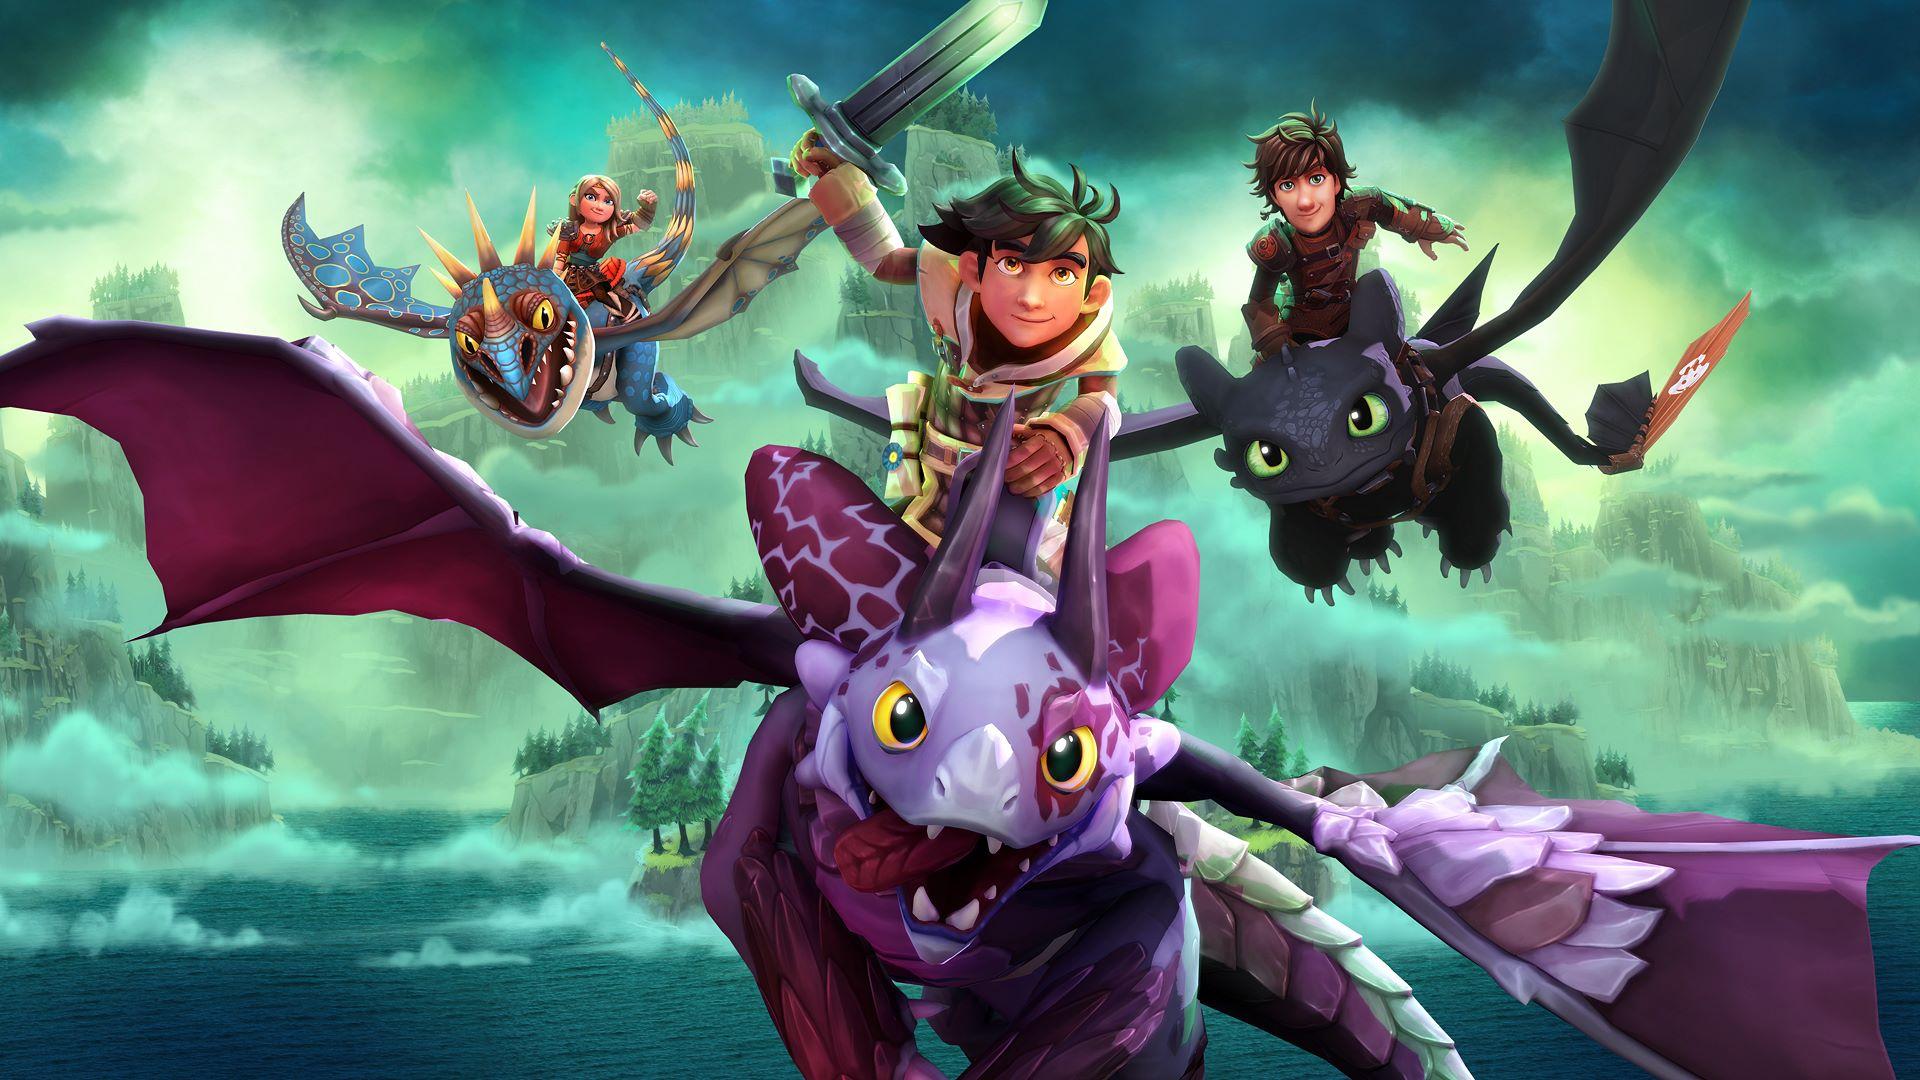 Red Nova Dragon Wallpaper DreamWorks Dragons Daw...